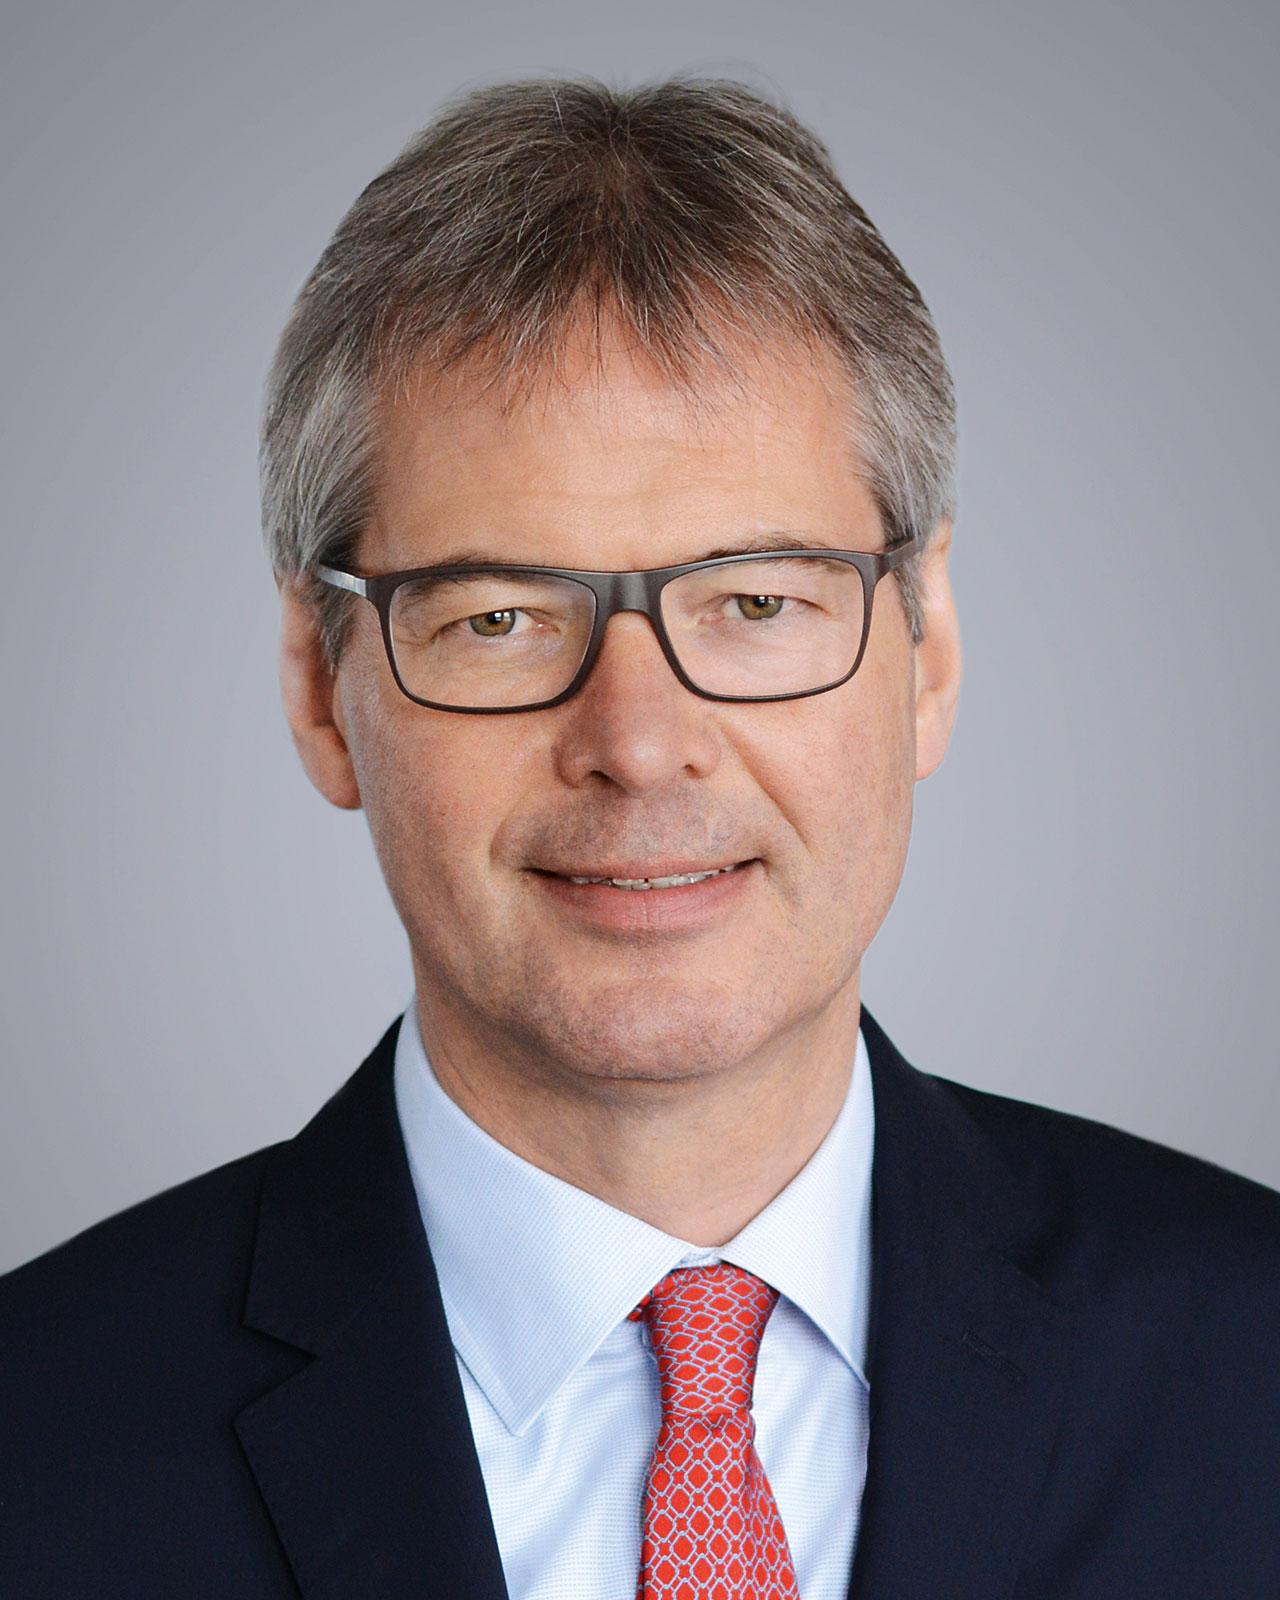 Stefan Rühling